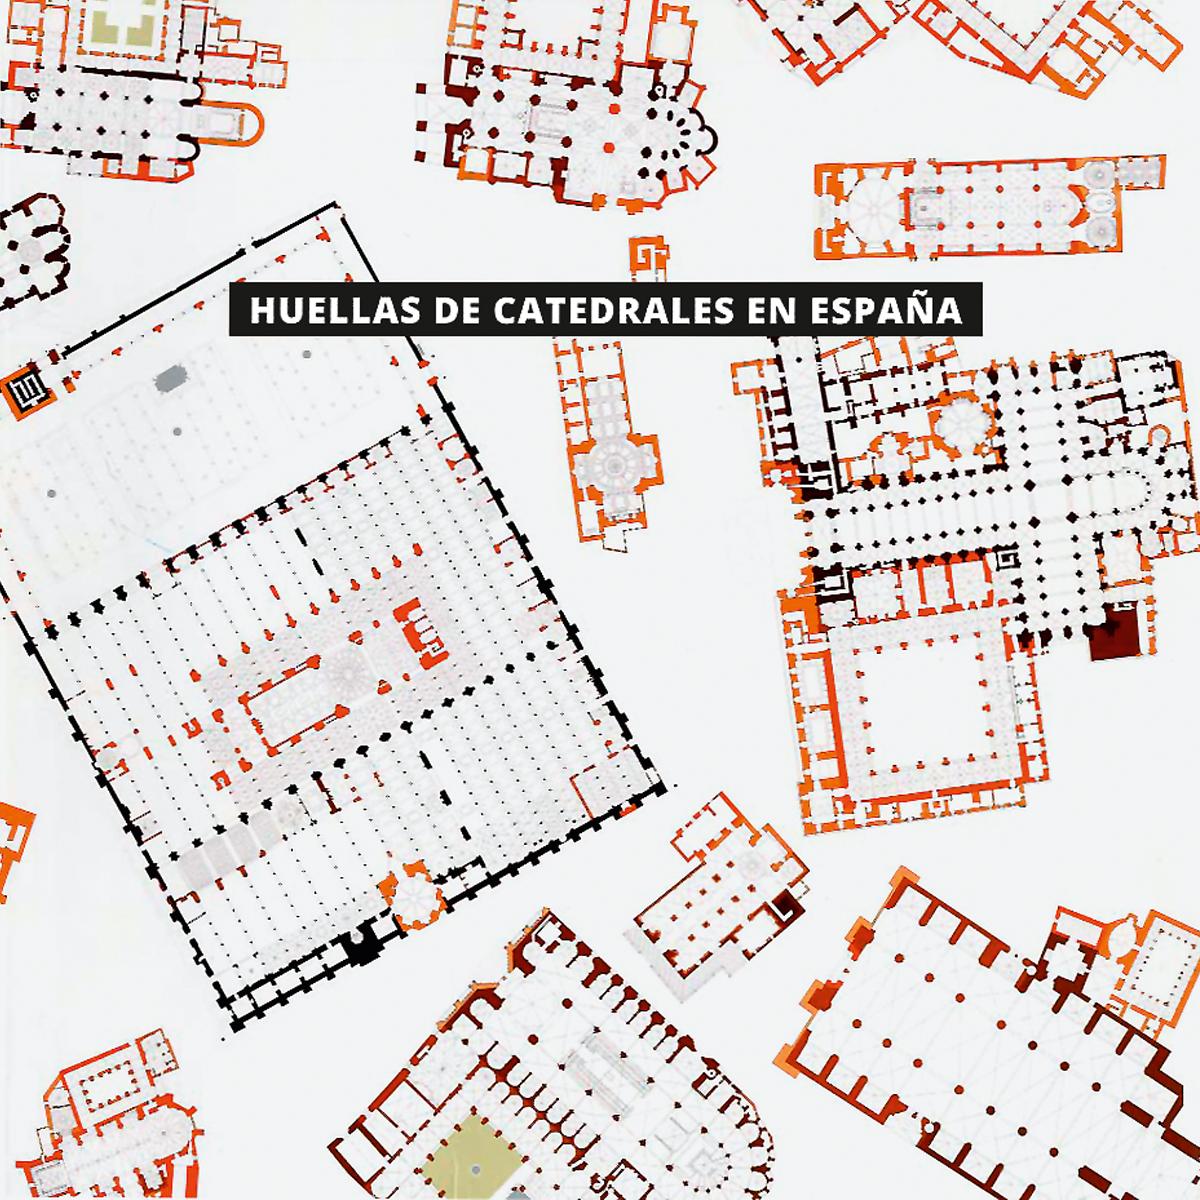 Huellas de Catedrales en España